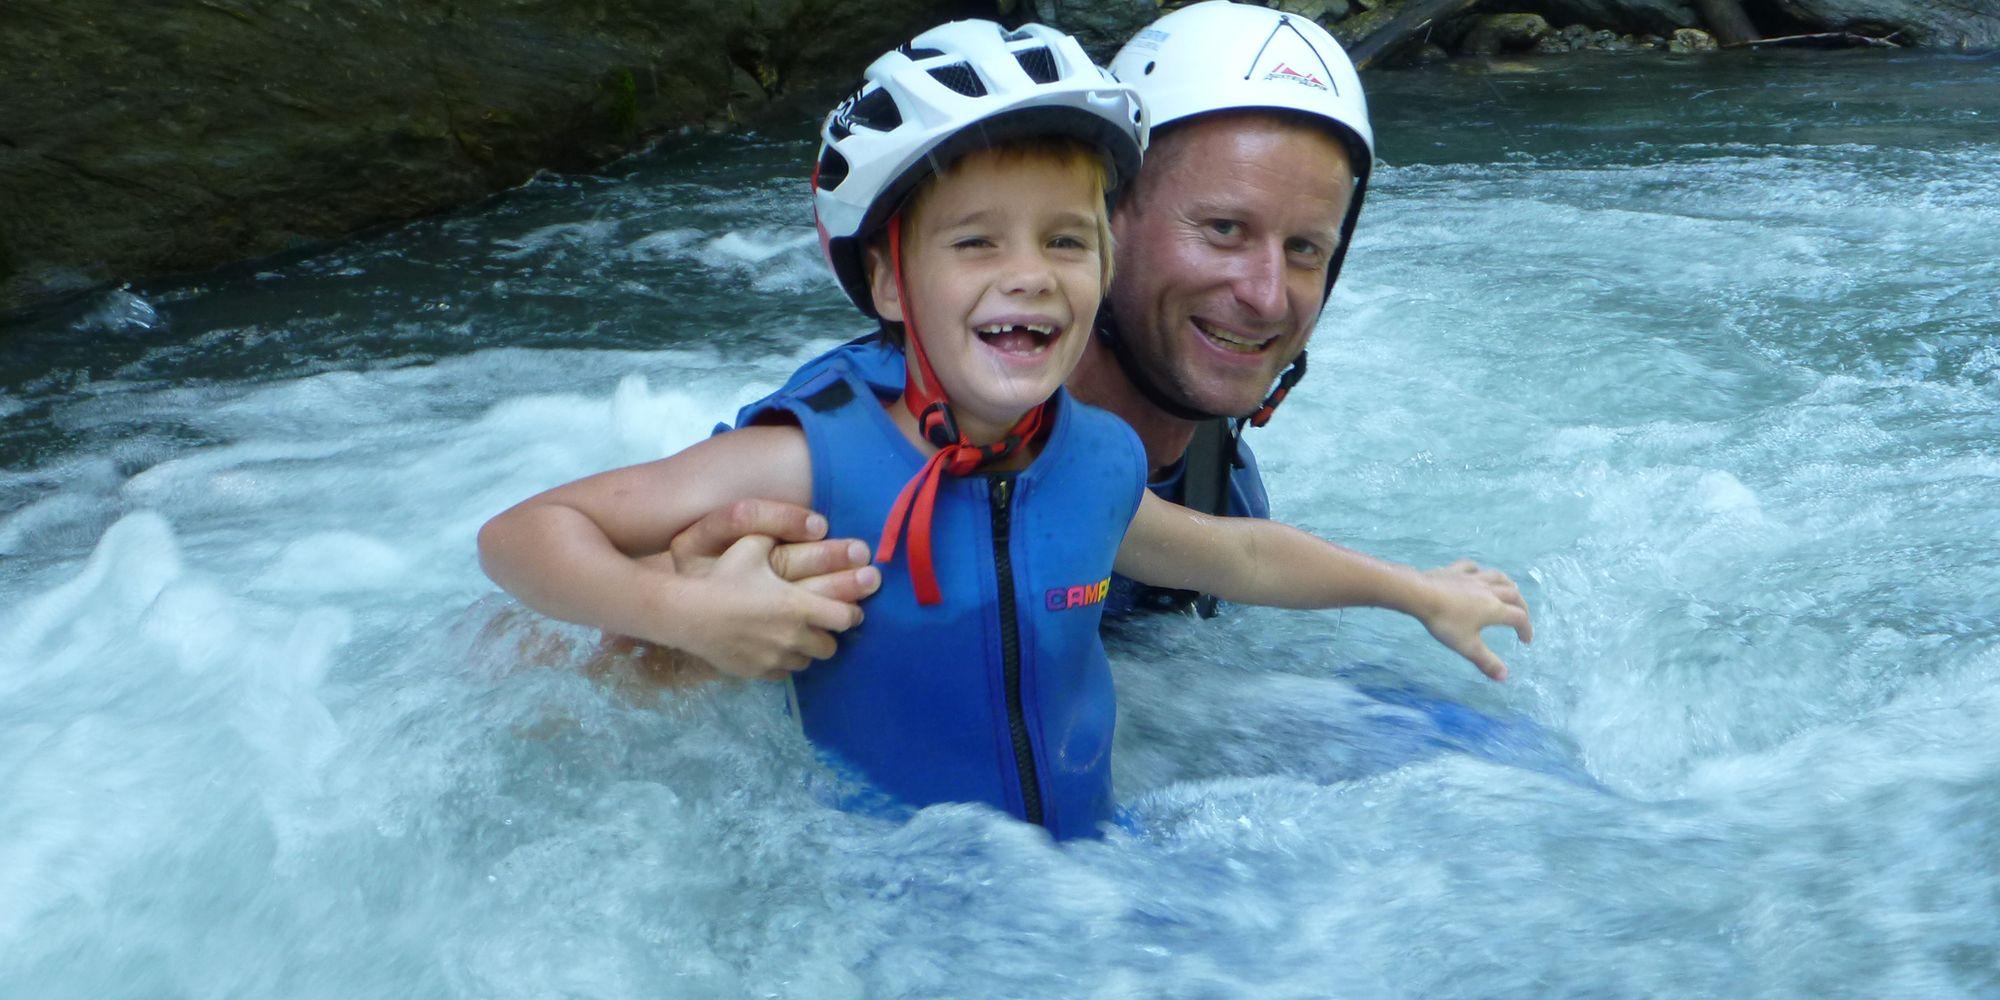 Vater mit Sohn beim Canyoning